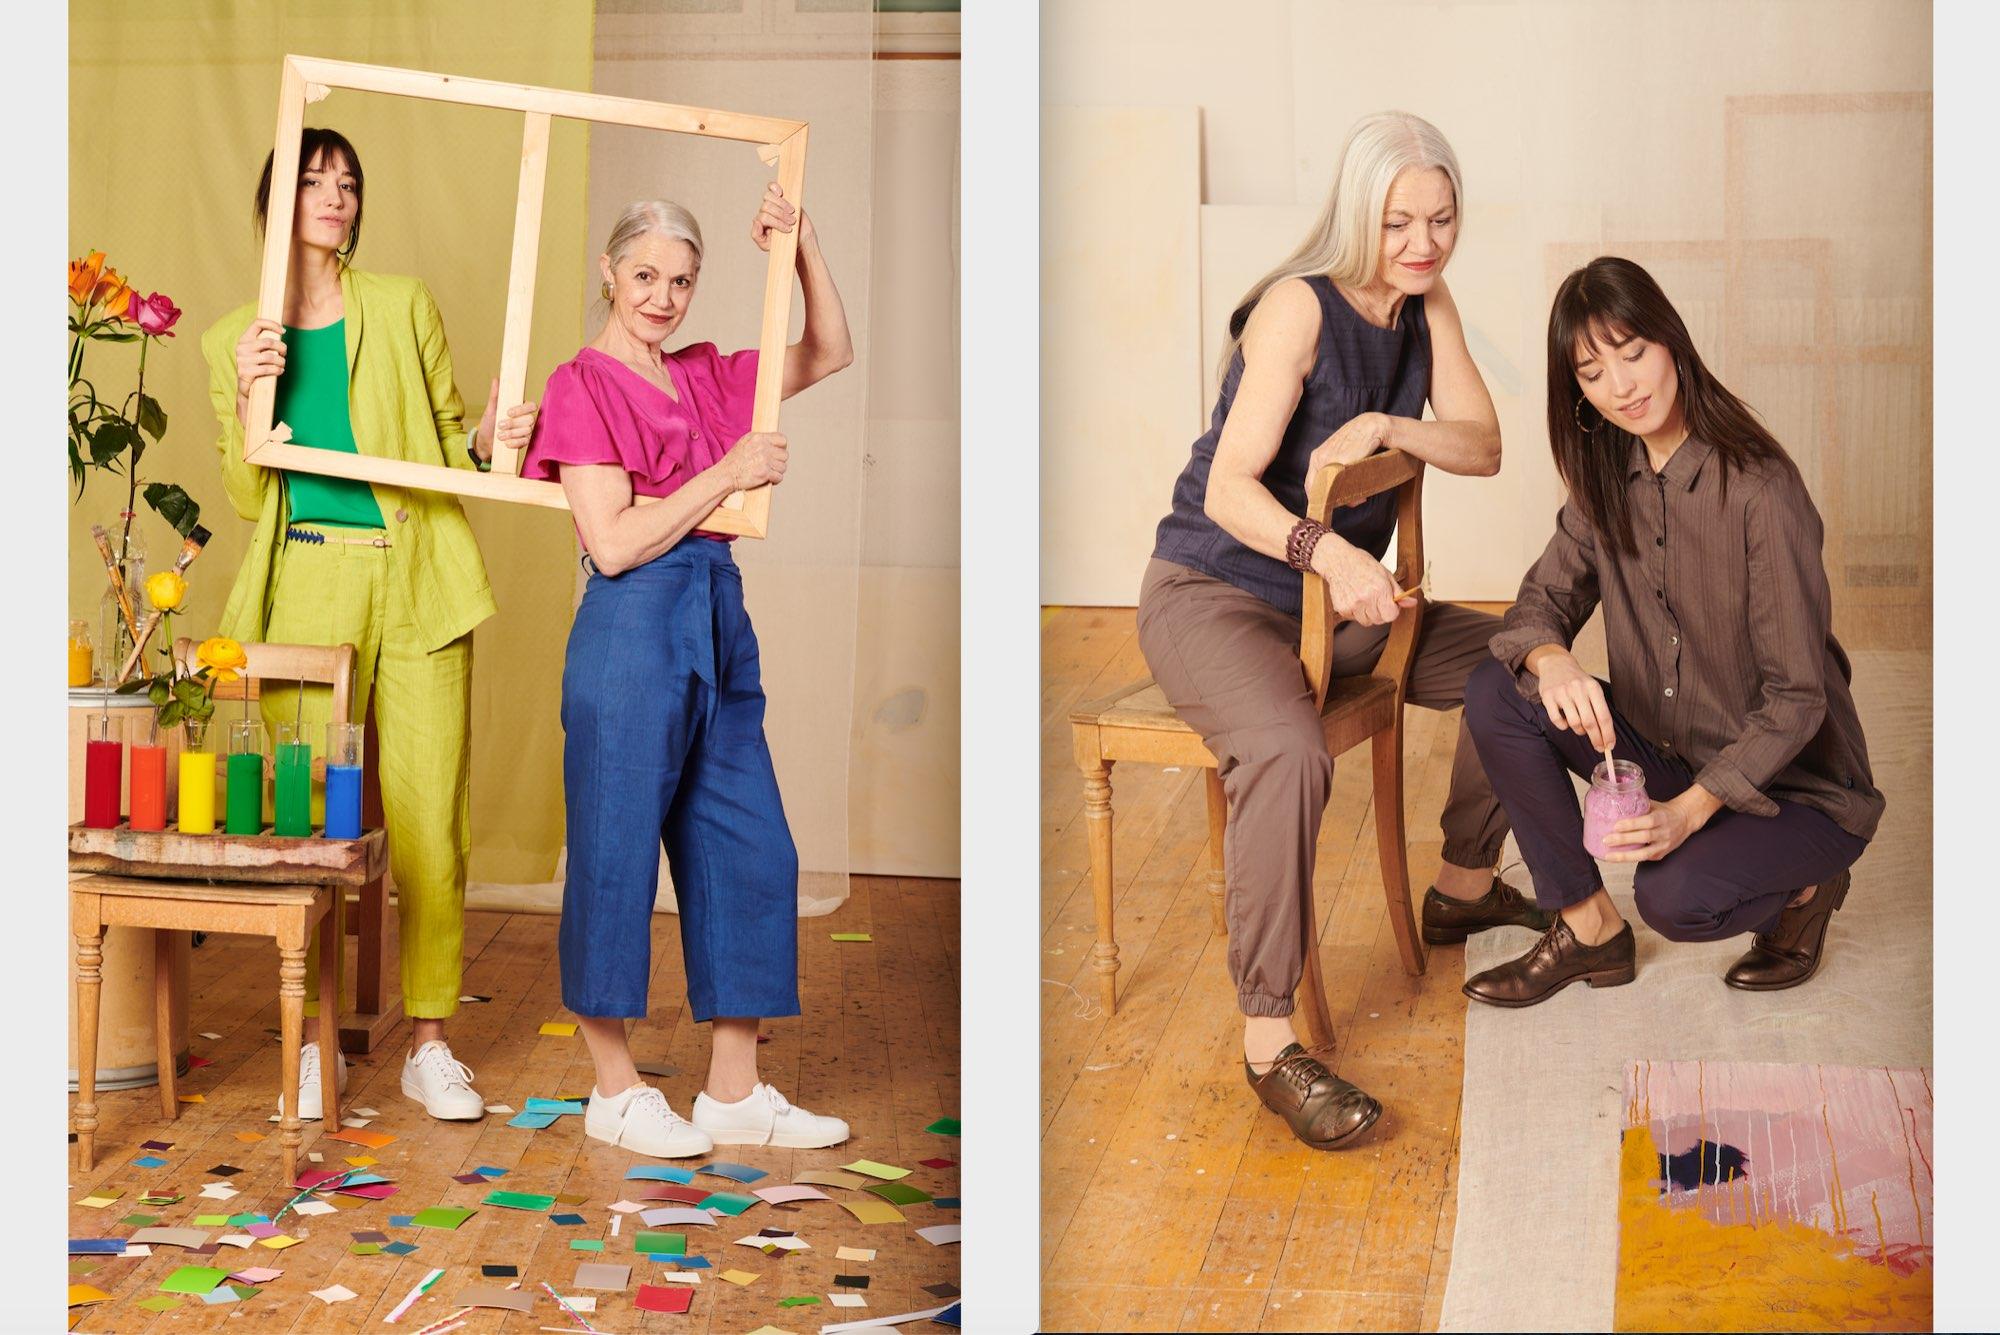 Neue Arbeit von Letizia für Colora  - neue-arbeit-von-letizia-f--r-colora--ID14578-04.jpeg?v=1588692490